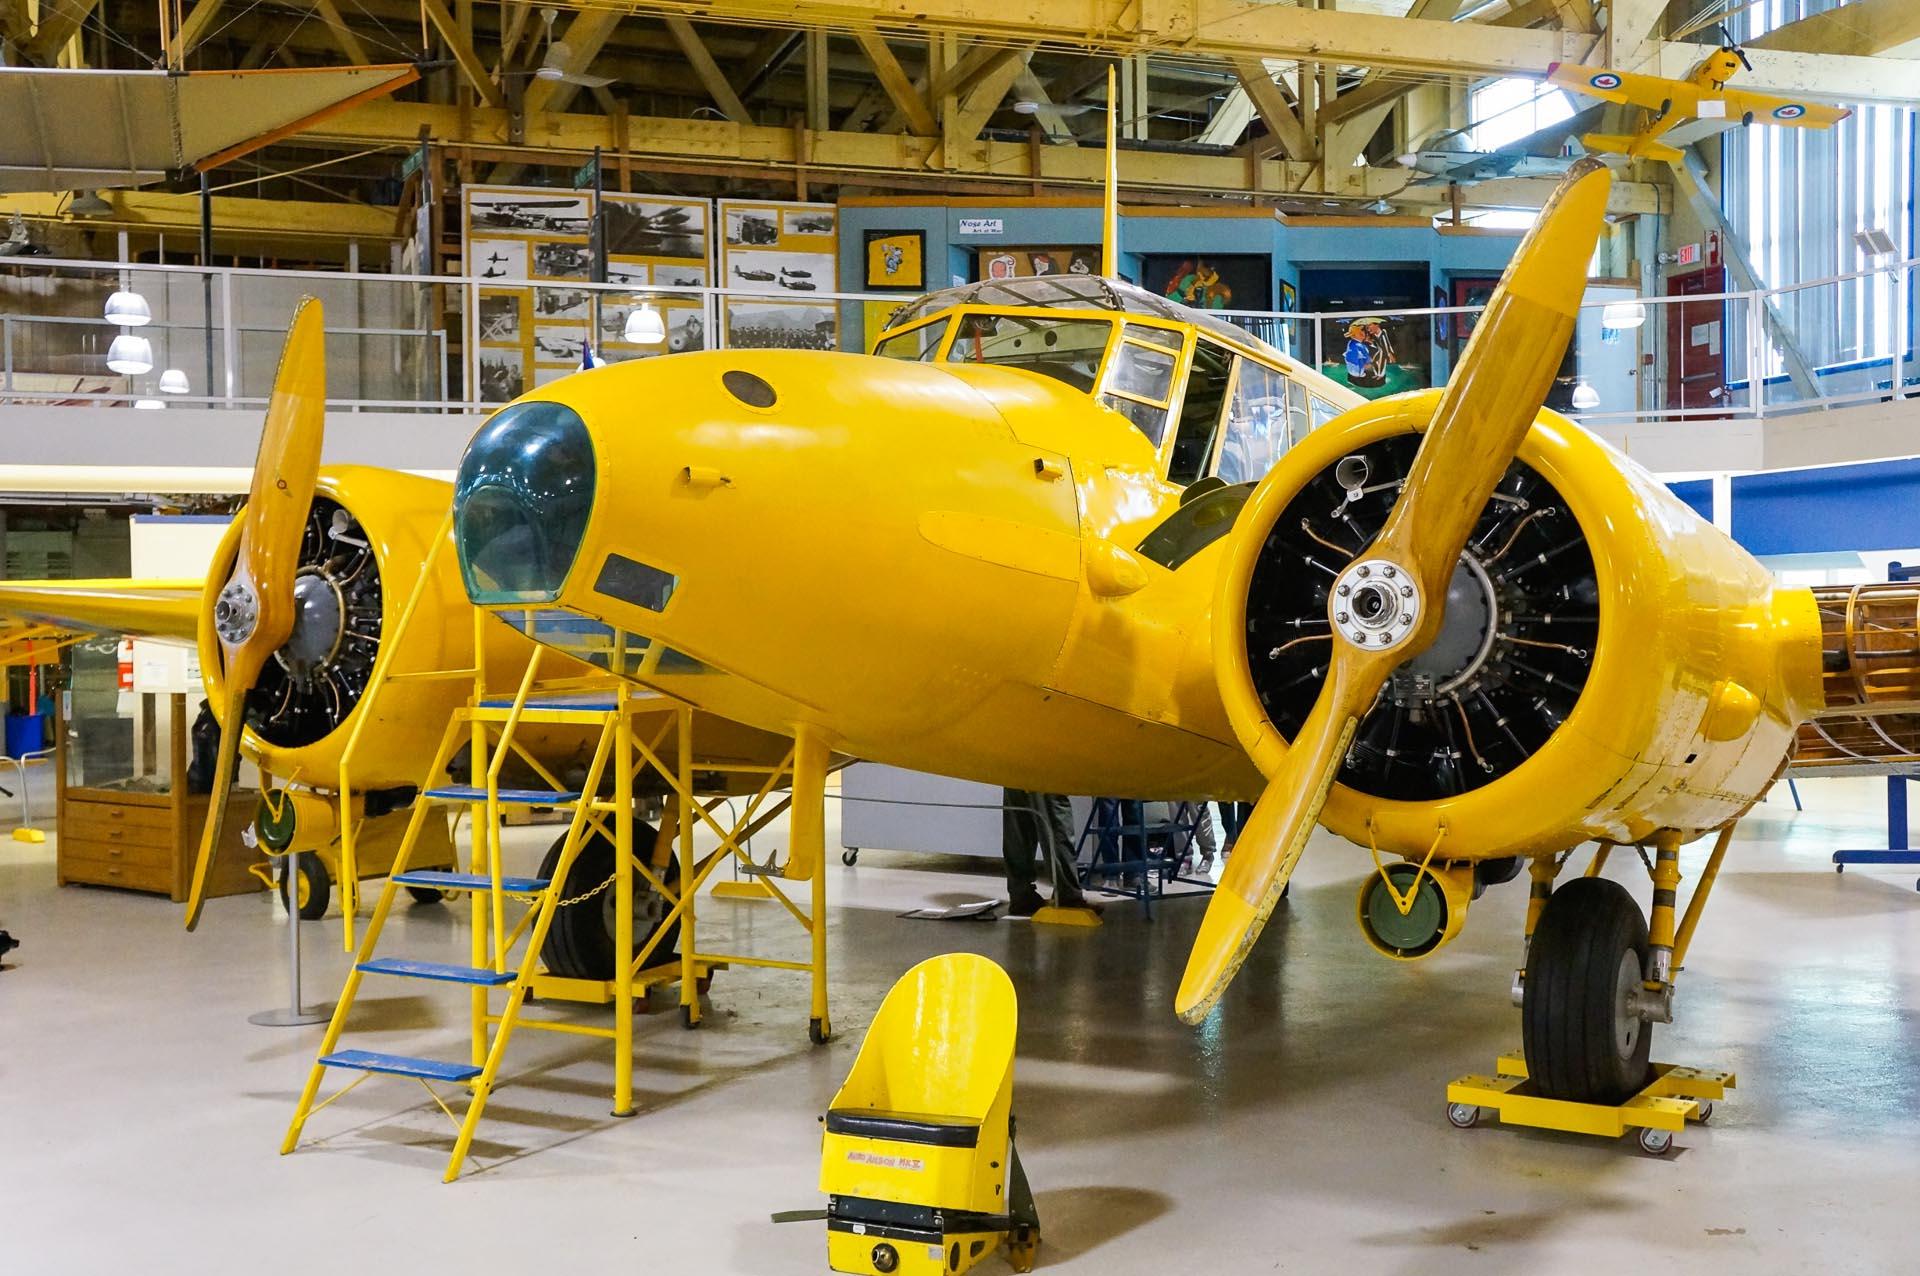 Calgary Aerospace Musuem